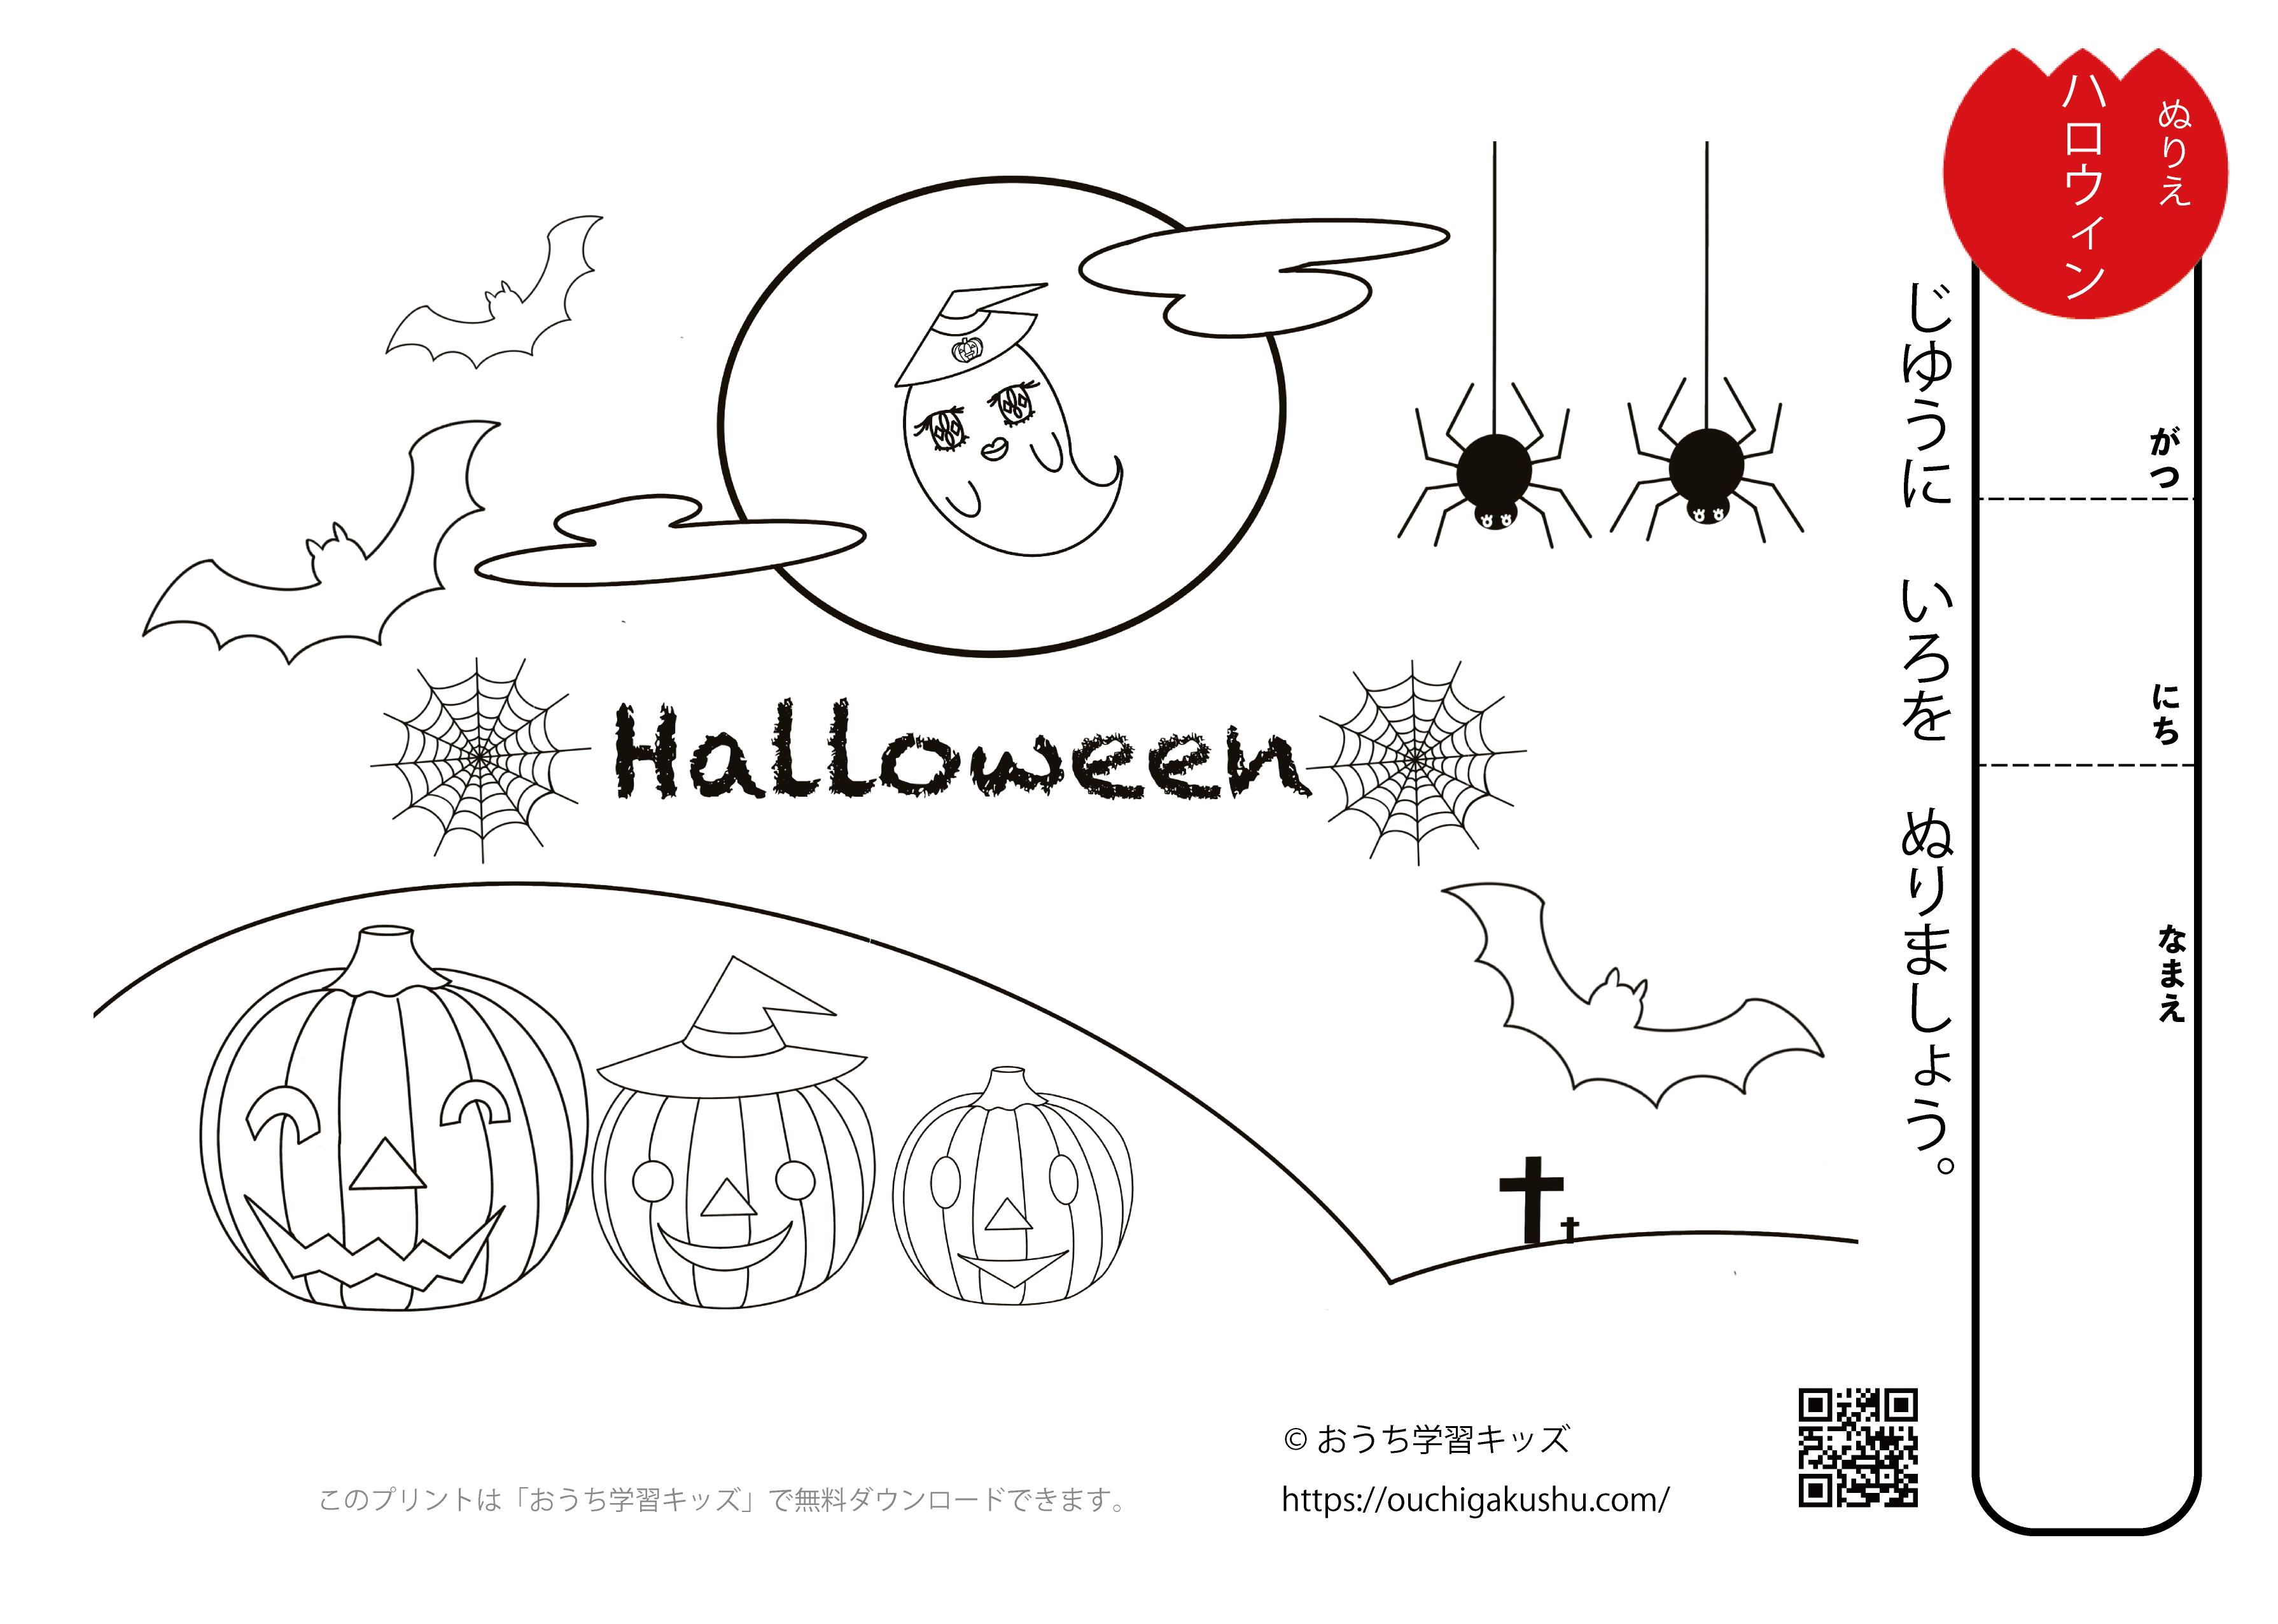 無料ぬりえプリント「ハロウィン(パンプキン・こうもり・おばけ・クモ・月)」